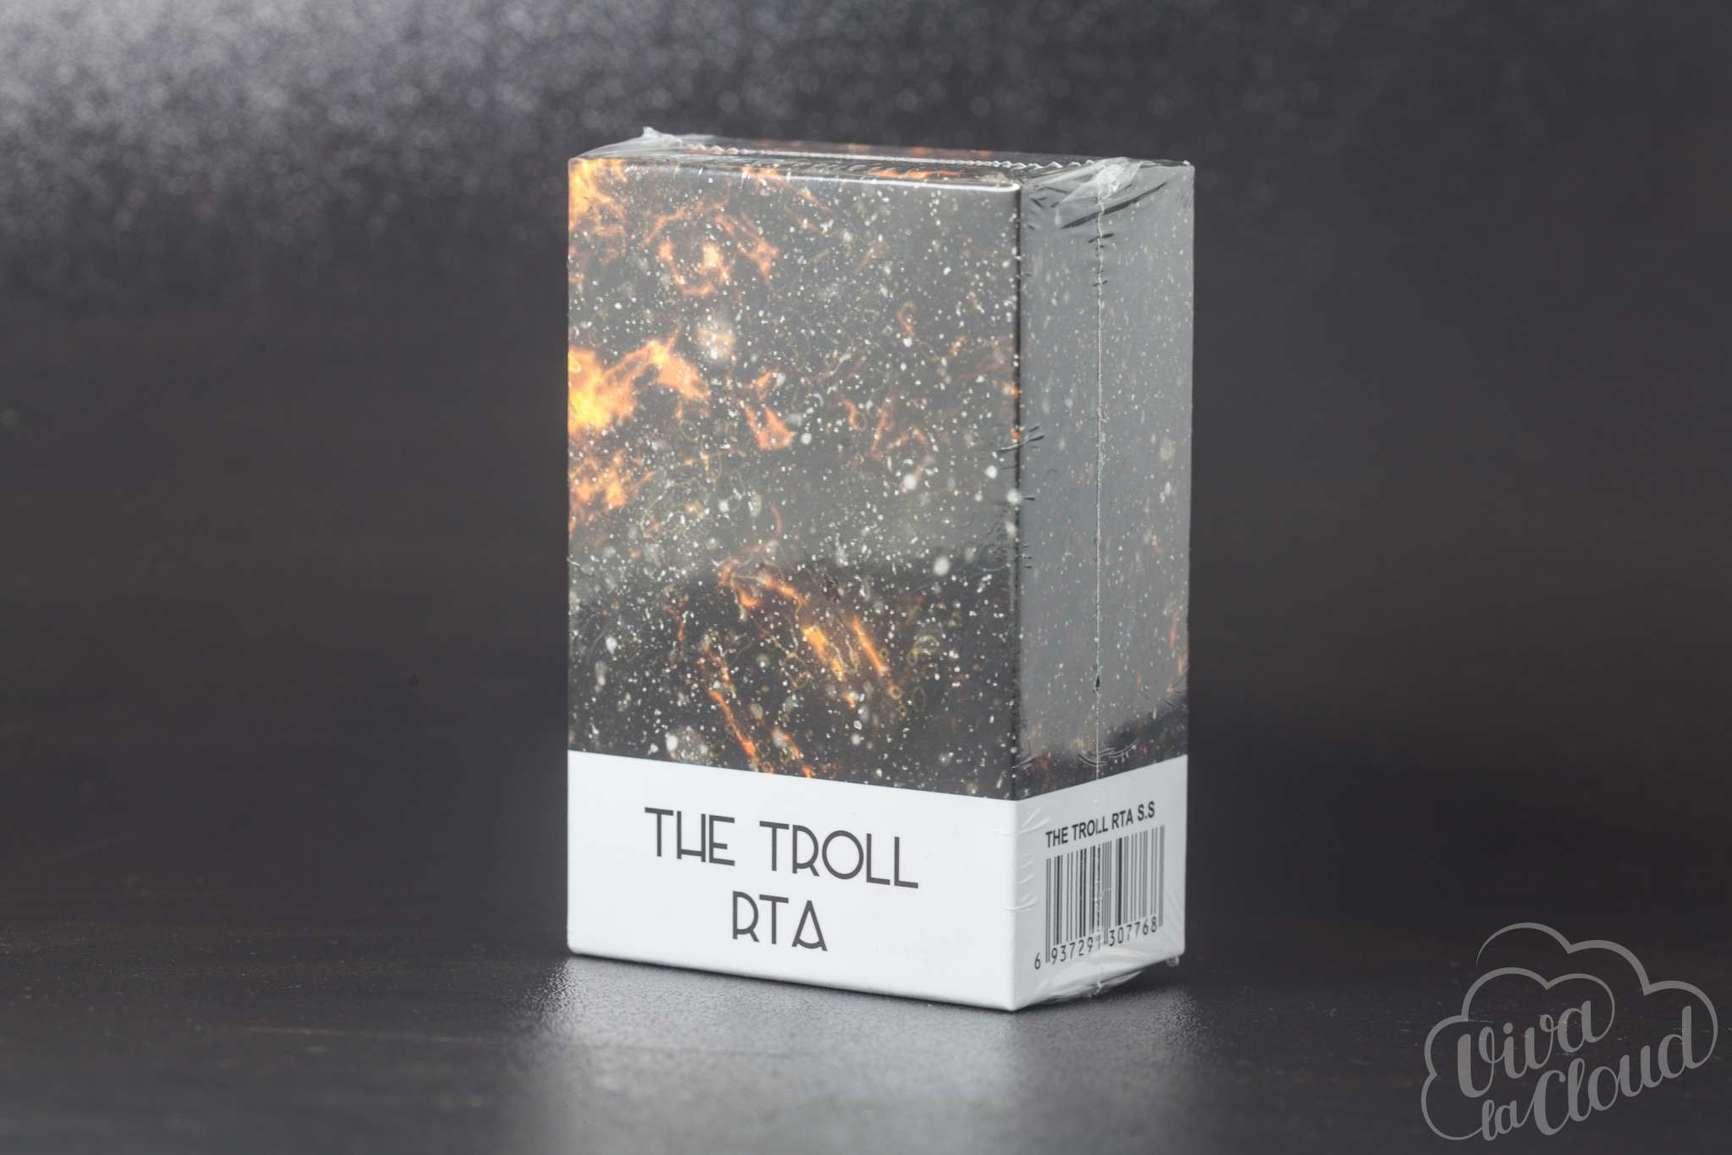 Troll, RTA